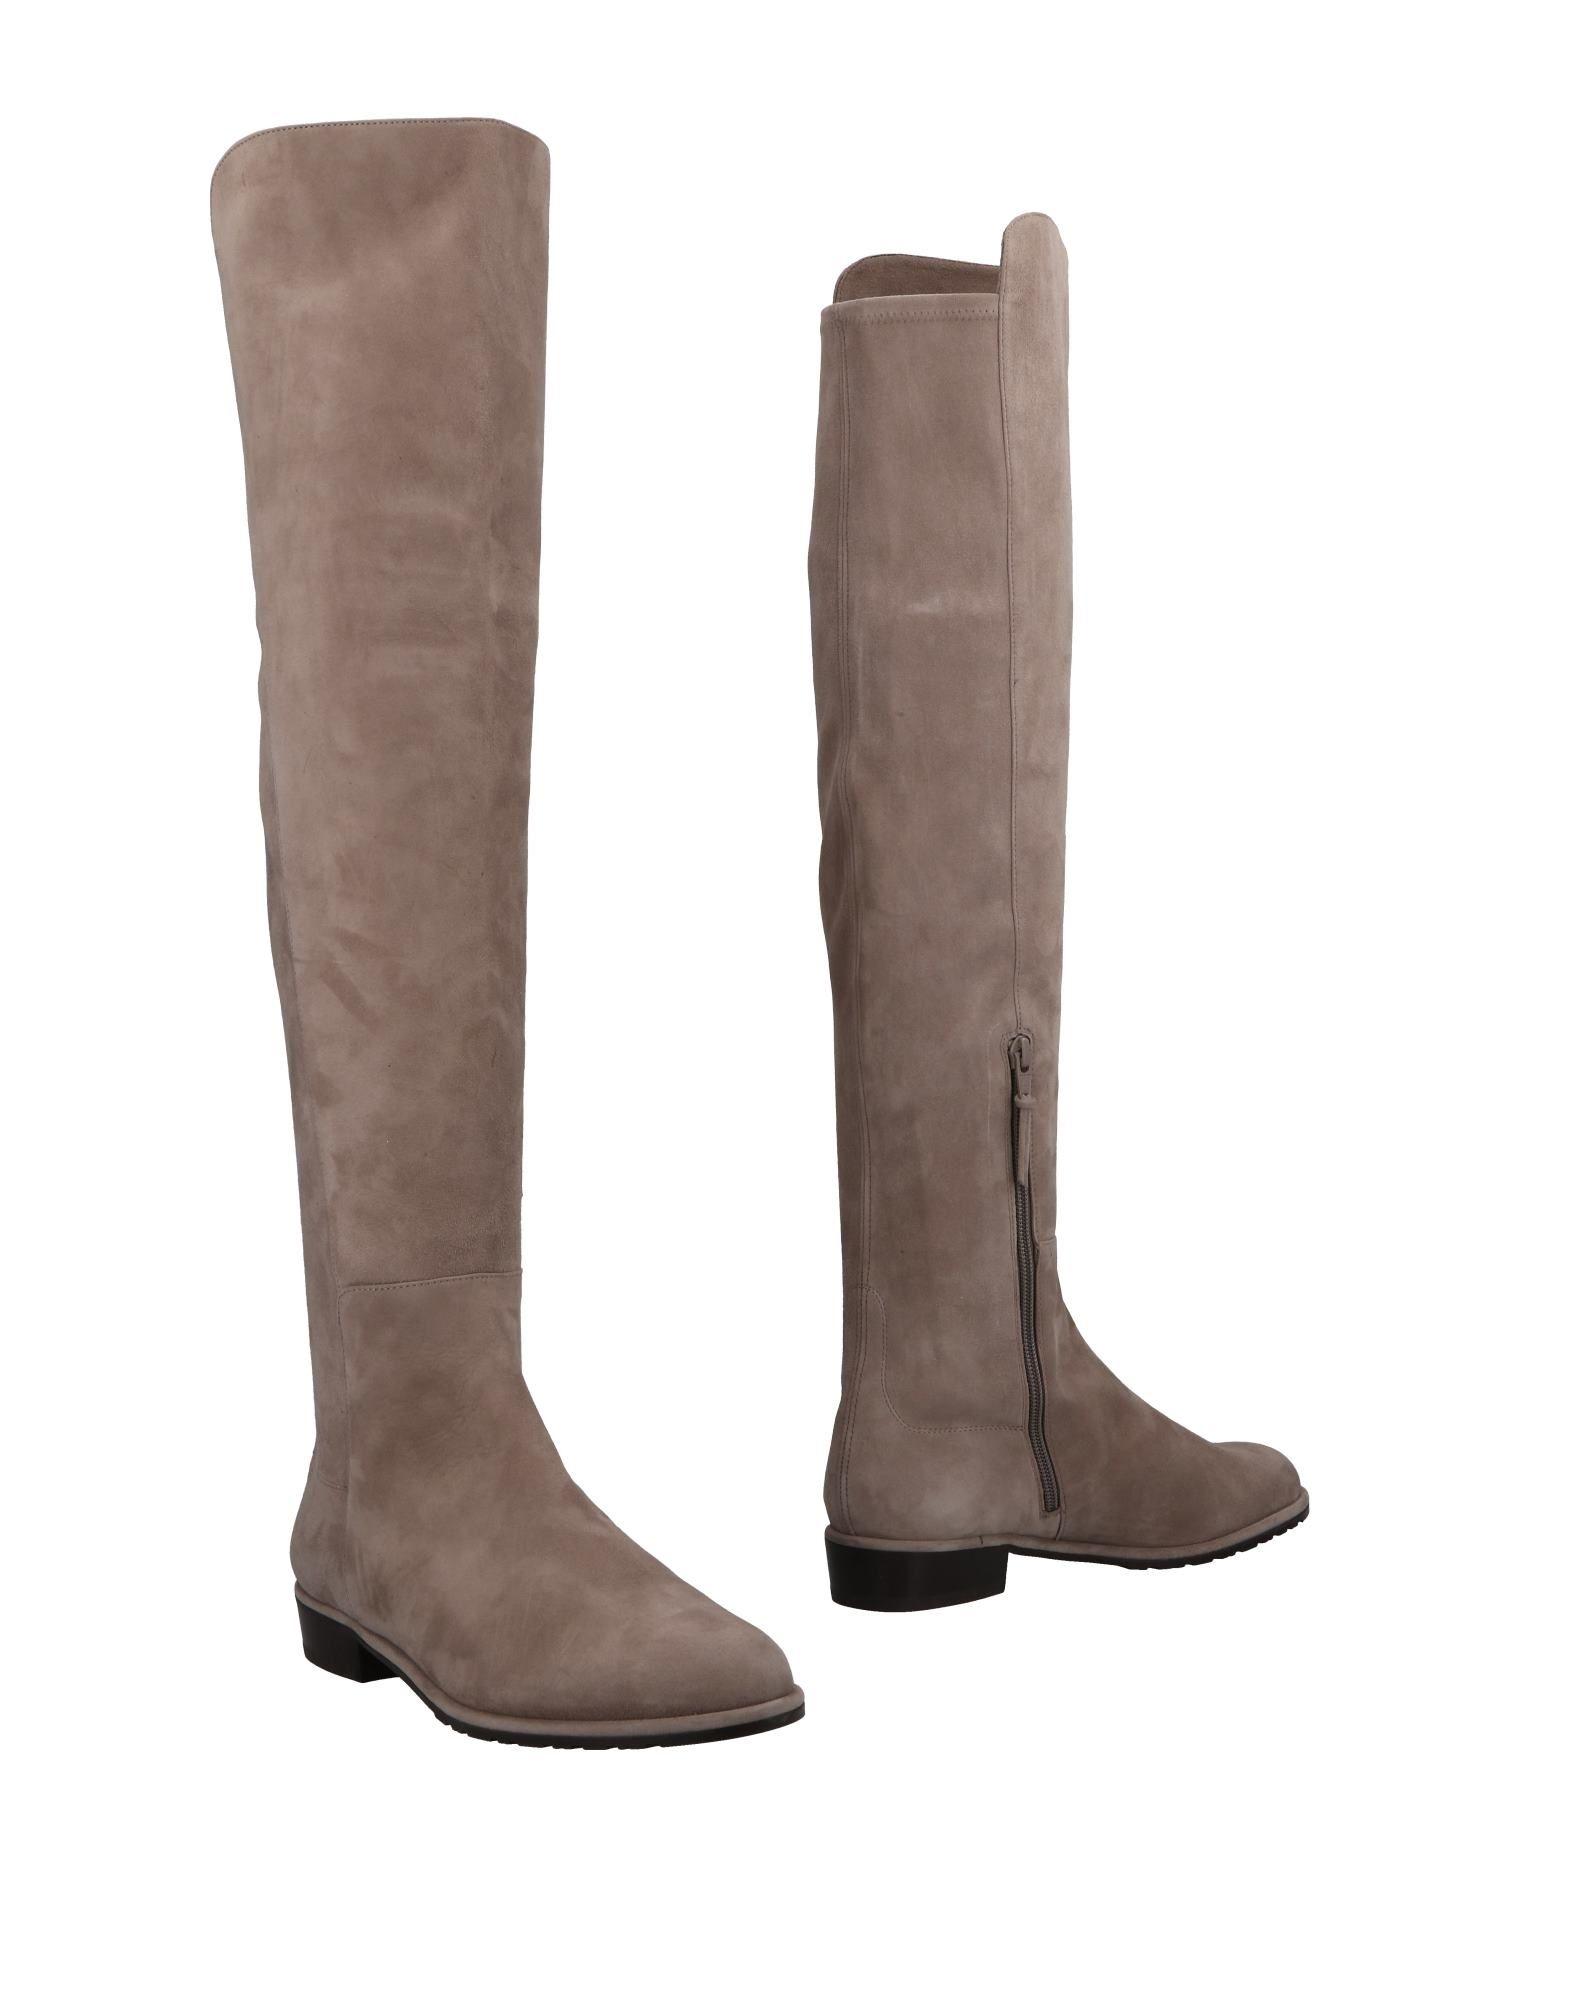 Stuart Weitzman Stiefel Schuhe Damen  11502602BV Beliebte Schuhe Stiefel a0c7ca